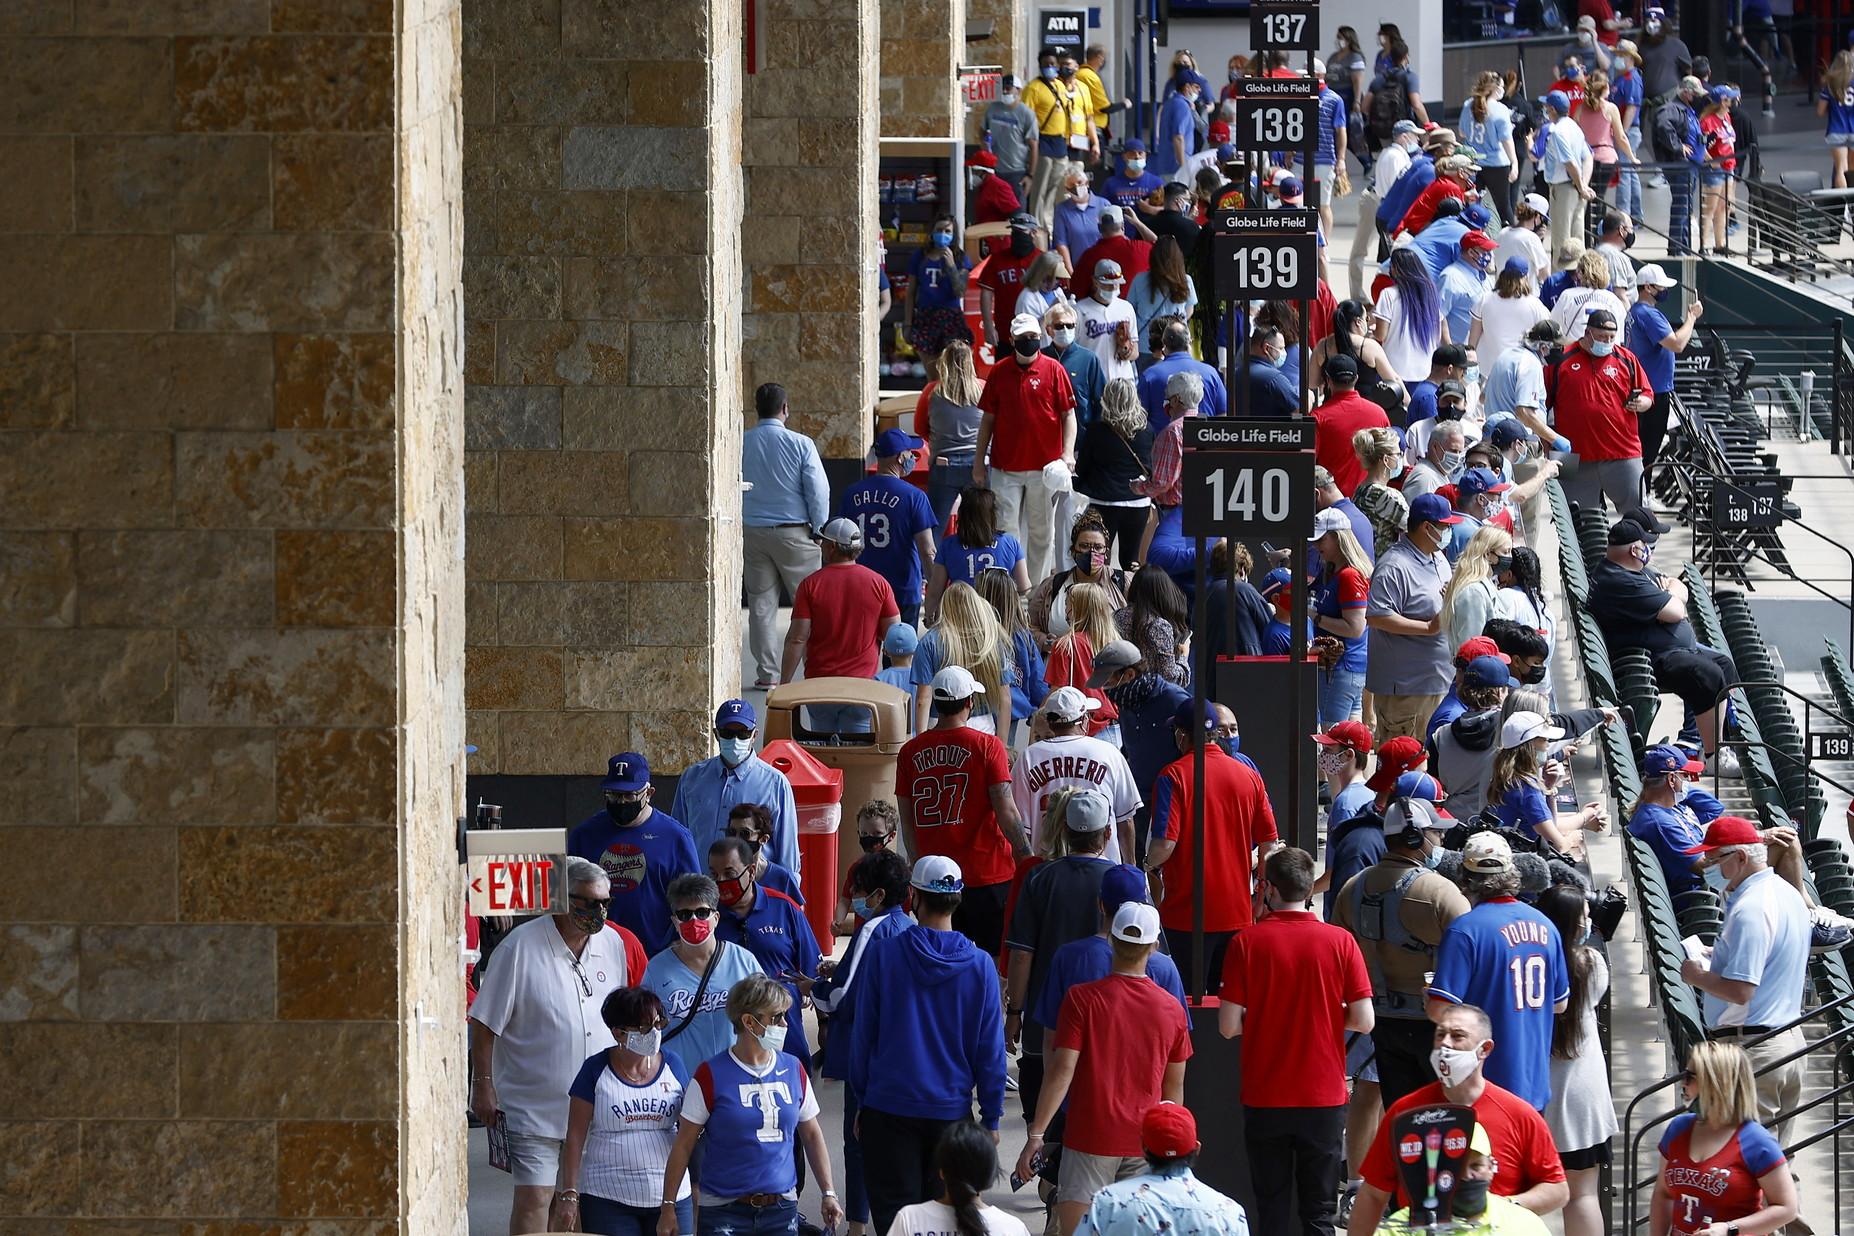 Un primo, forte, segnale di ritorno alla normalit&agrave;&nbsp;e al mondo pre-pandemia, arriva dal Texas. Ieri infatti la partita della Major League di baseball fra la squadra di casa dei Texas Rangers e i Toronto Blue Jays si &egrave;&nbsp;giocata, per la prima volta nello sport Usa dopo pi&ugrave;&nbsp;di un anno, in uno stadio, il Globe Life Field di Arlington, pieno ai limiti della capienza (40.518 spettatori). Tra loro, come invitati dei Rangers, gruppi di medici e infermieri in prima linea nella lotta alla pandemia. La franchigia texana ha usufruito del via libera del Governatore Greg Abbott, che nei giorni scorsi aveva dato il permesso affinch&eacute;&nbsp;il match venisse disputato senza alcun limite di pubblico, a patto che, sugli spalti, gli spettatori indossassero la mascherina sul volto, eccetto che nei punti vendita di cibo all&#39;interno dell&#39;impianto. Non tutti, come documentato dalle immagini del match, hanno rispettato la regola dell&#39;obbligo della mascherina, ma la partita e&#39; andata avanti senza alcun problema, e alla fine Toronto ha vinto per 6-2.<br /><br />